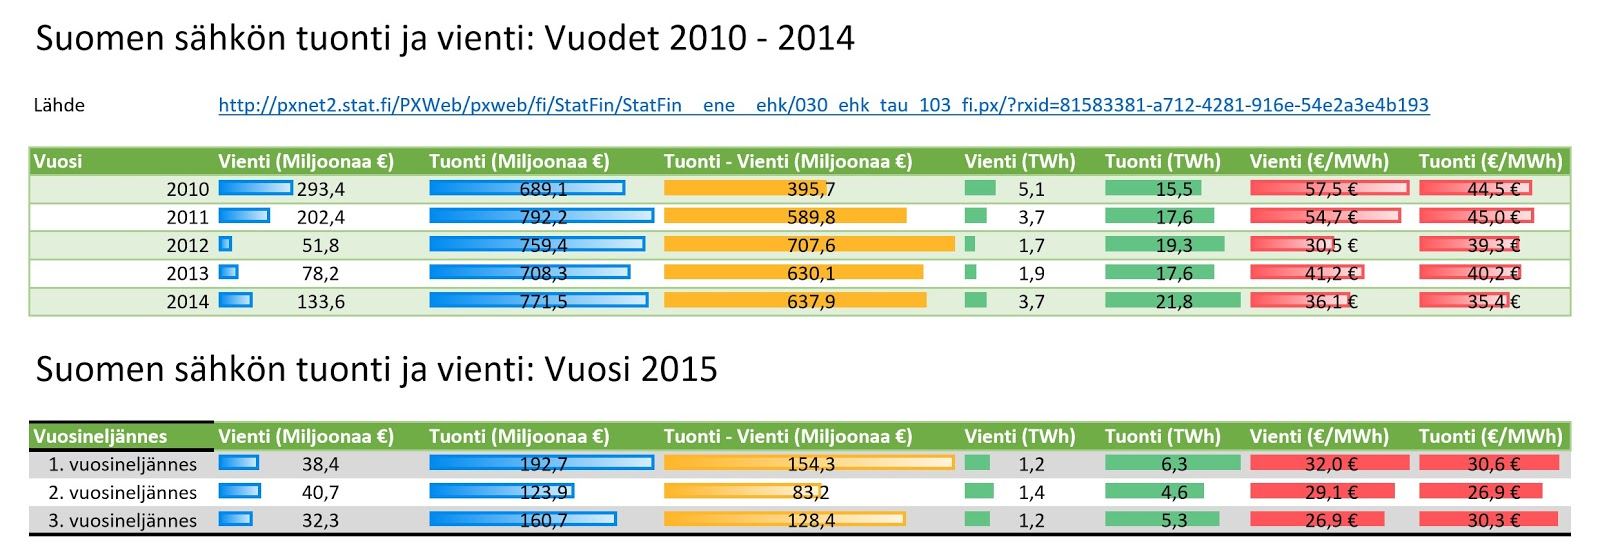 Suomen sähkön vienti ja tuonti